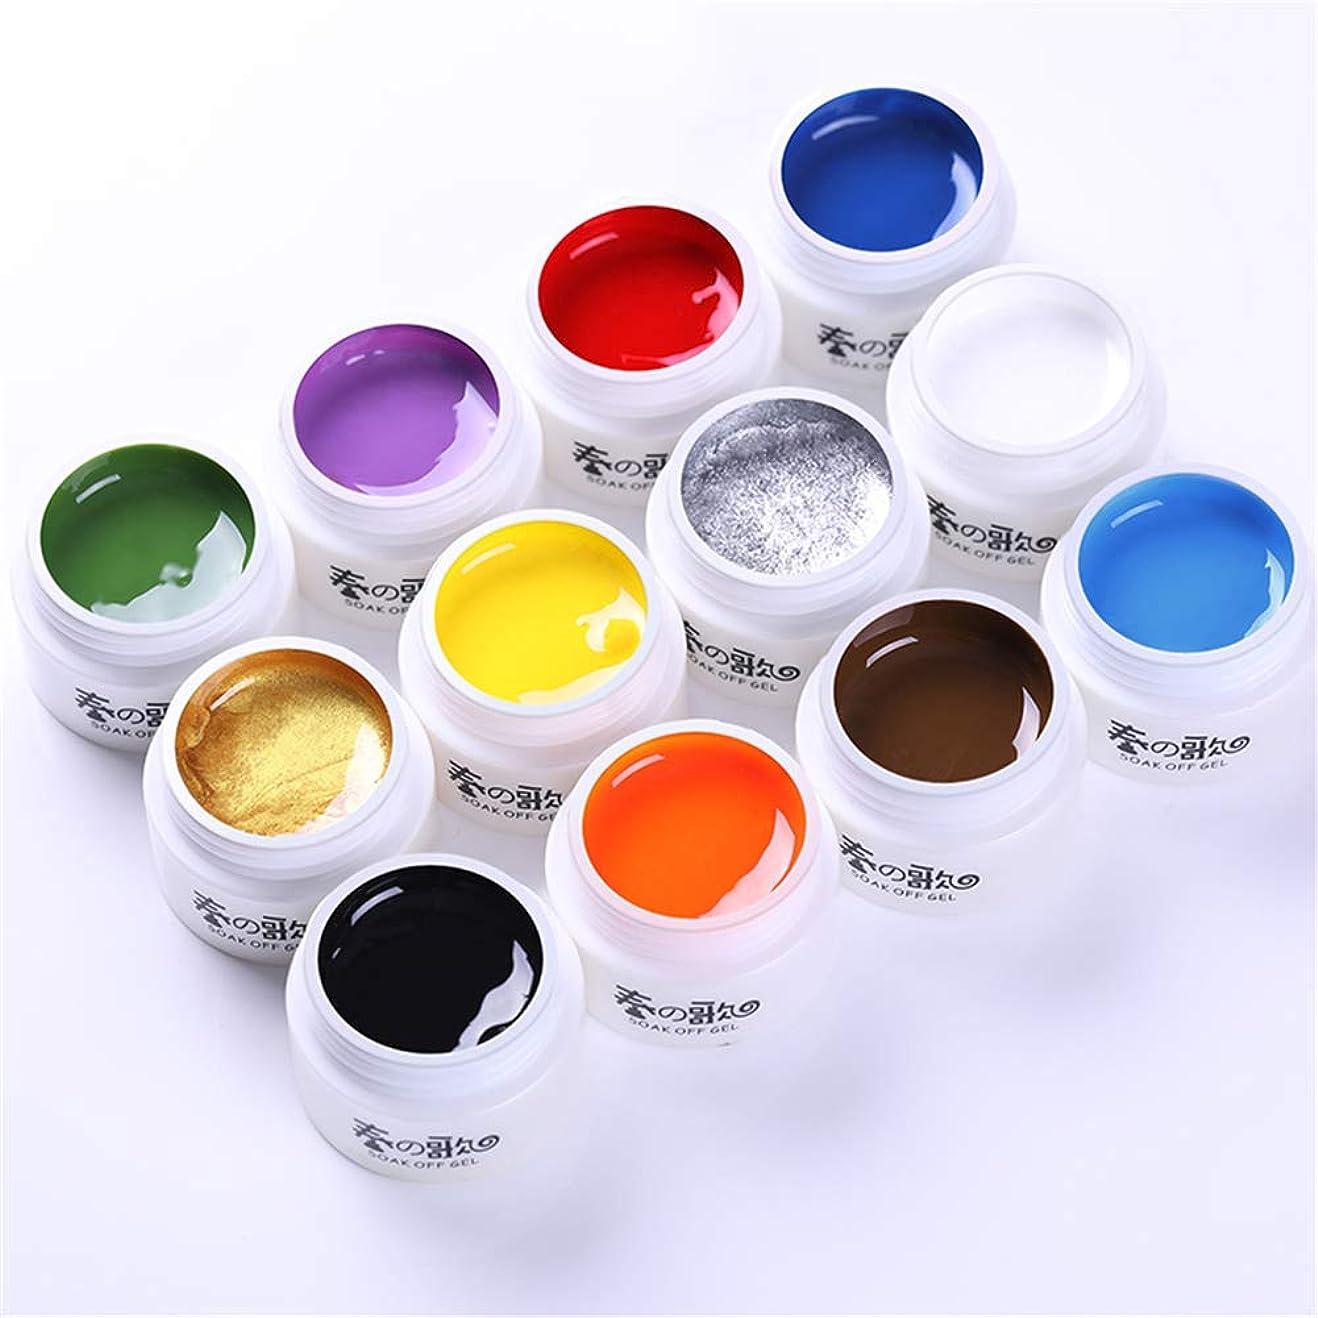 町お香歯車春の歌 アート専用のカラージェル ライナージェル ものすごく色が濃いカラージェル ラインを引くためのジェル、アクリル絵の具よりも柔らかく使いやすいジェル LED/UV両方対応 [並行輸入品]